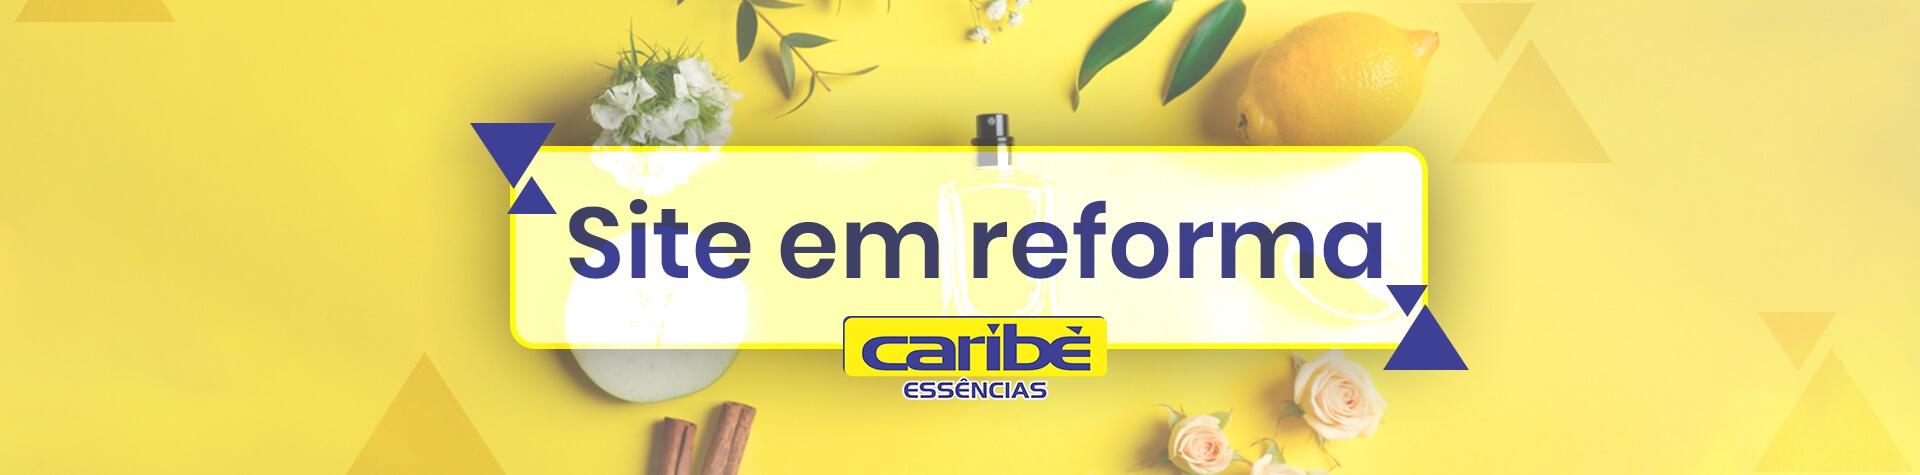 Site em reforma.